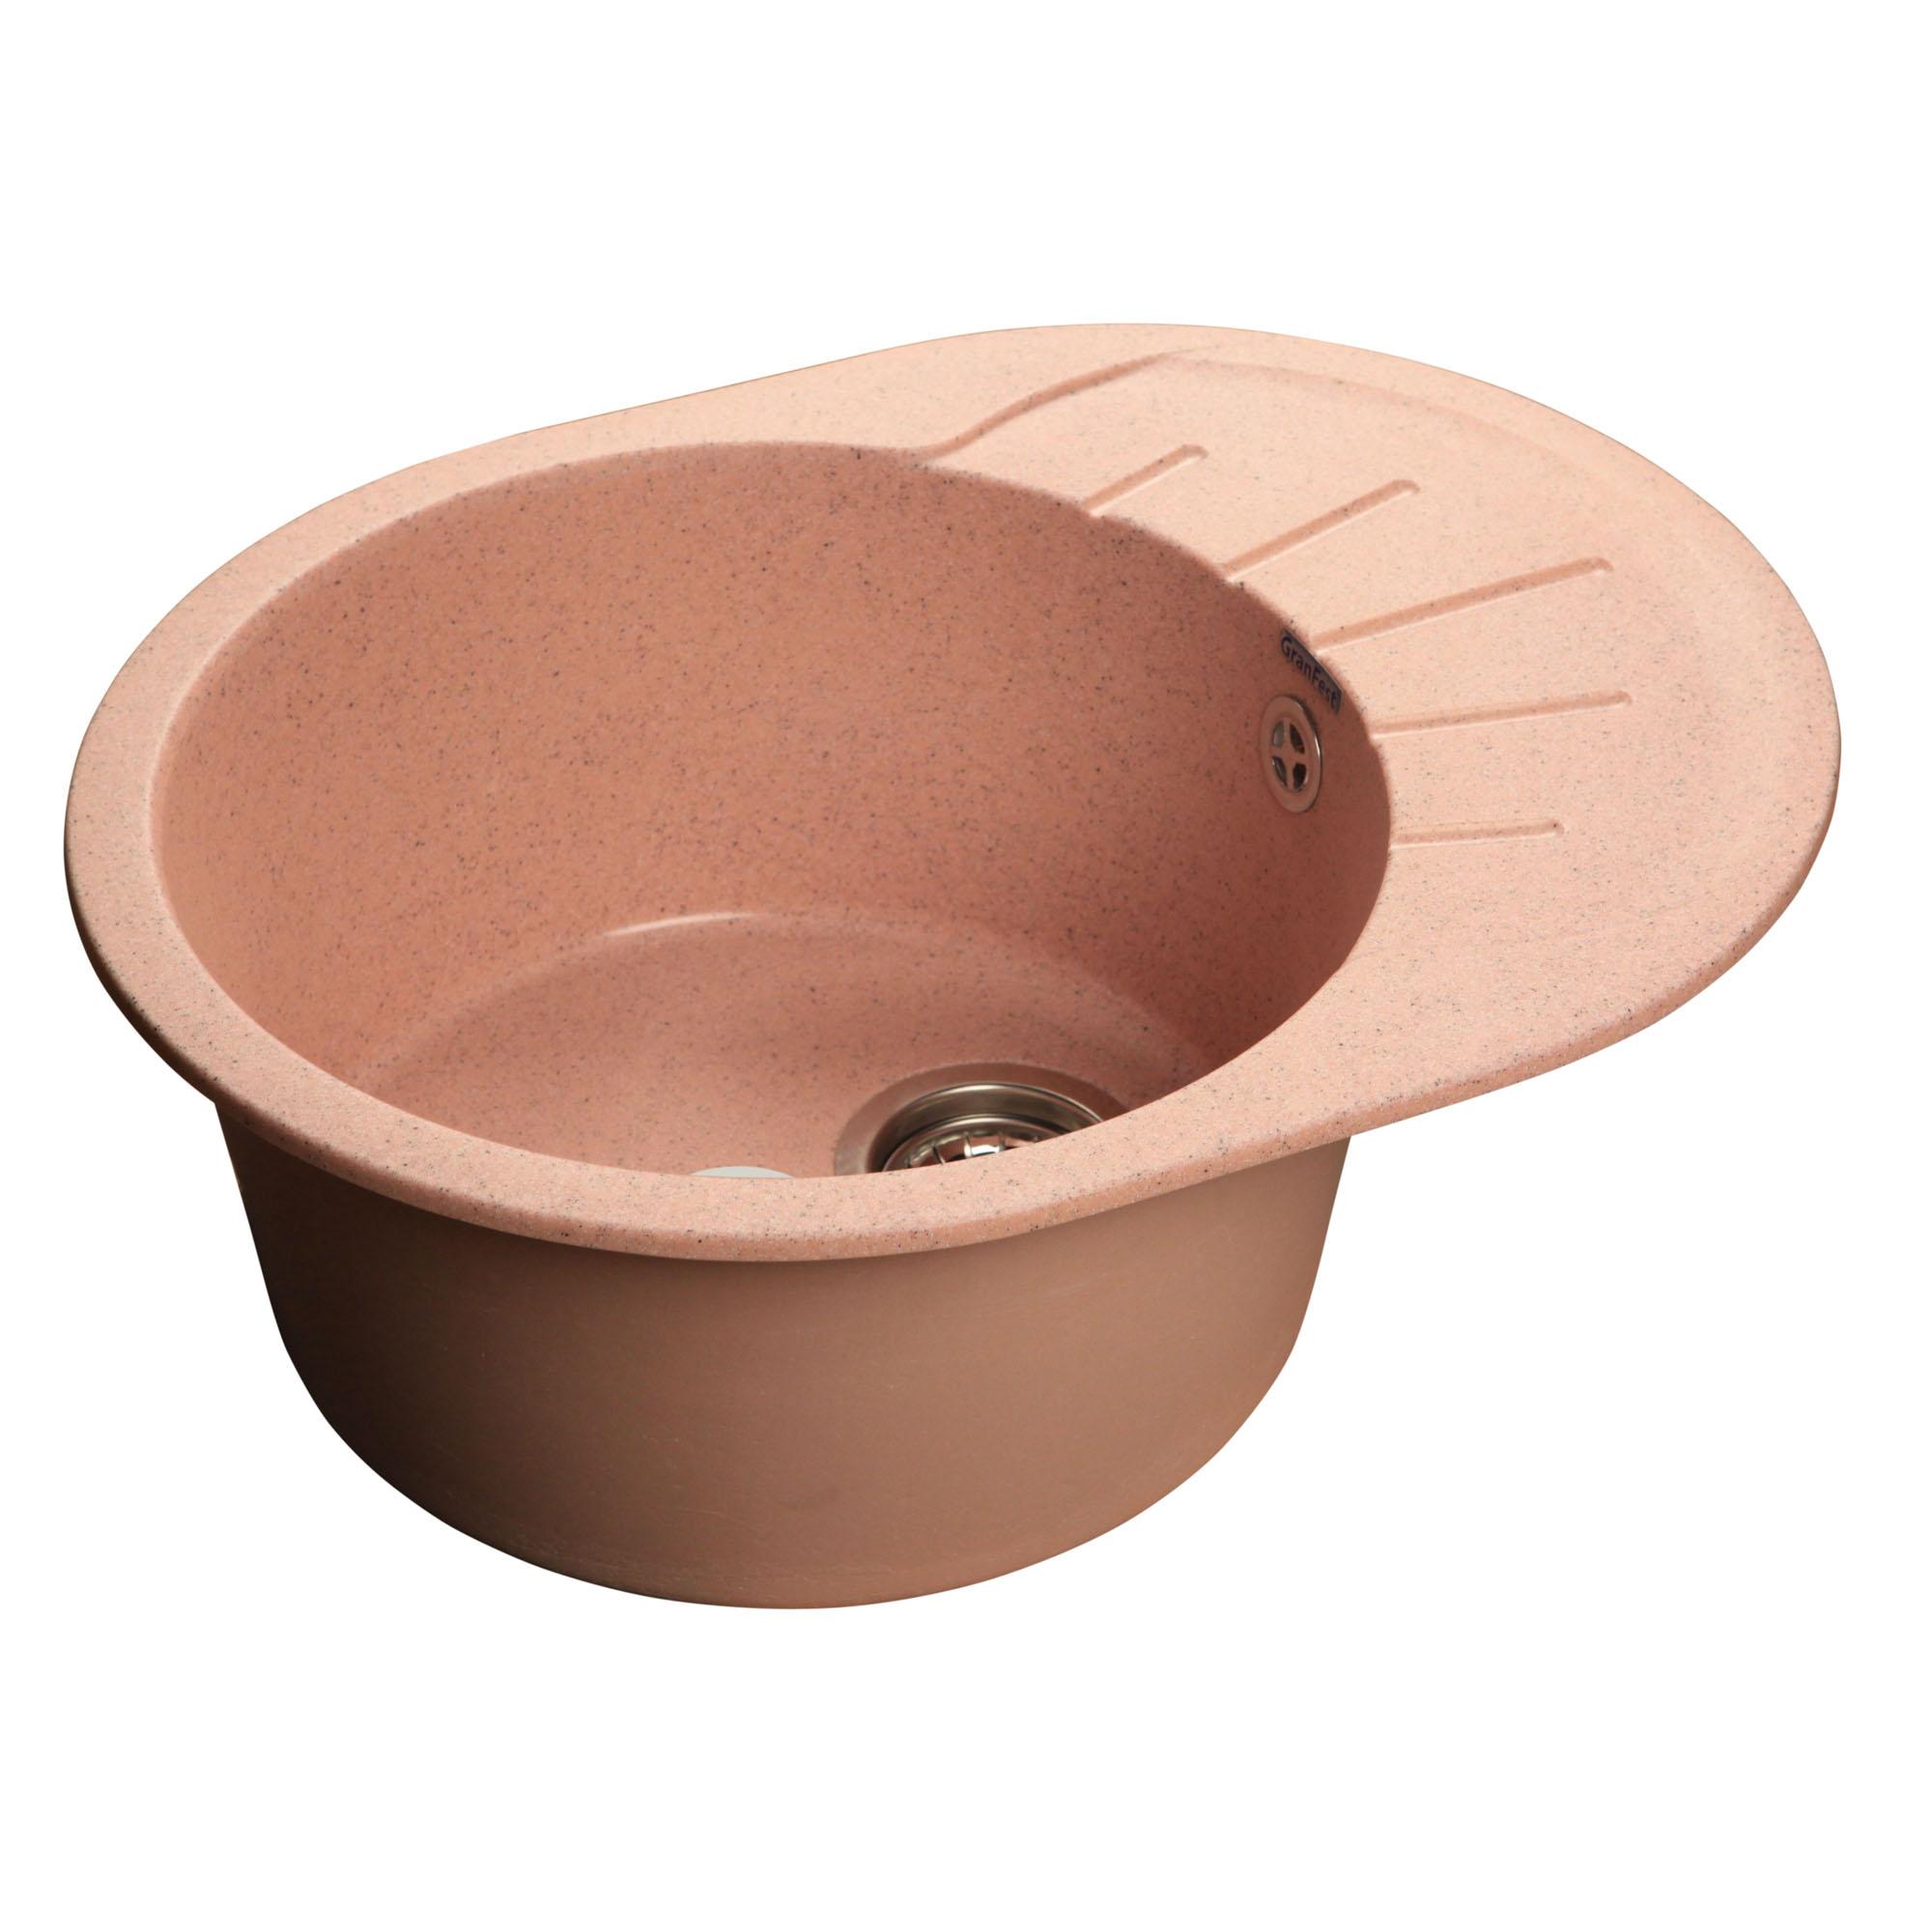 Кухонная мойка GranFest Rondo GF-R580L розовый granfest gf r580l бежевый